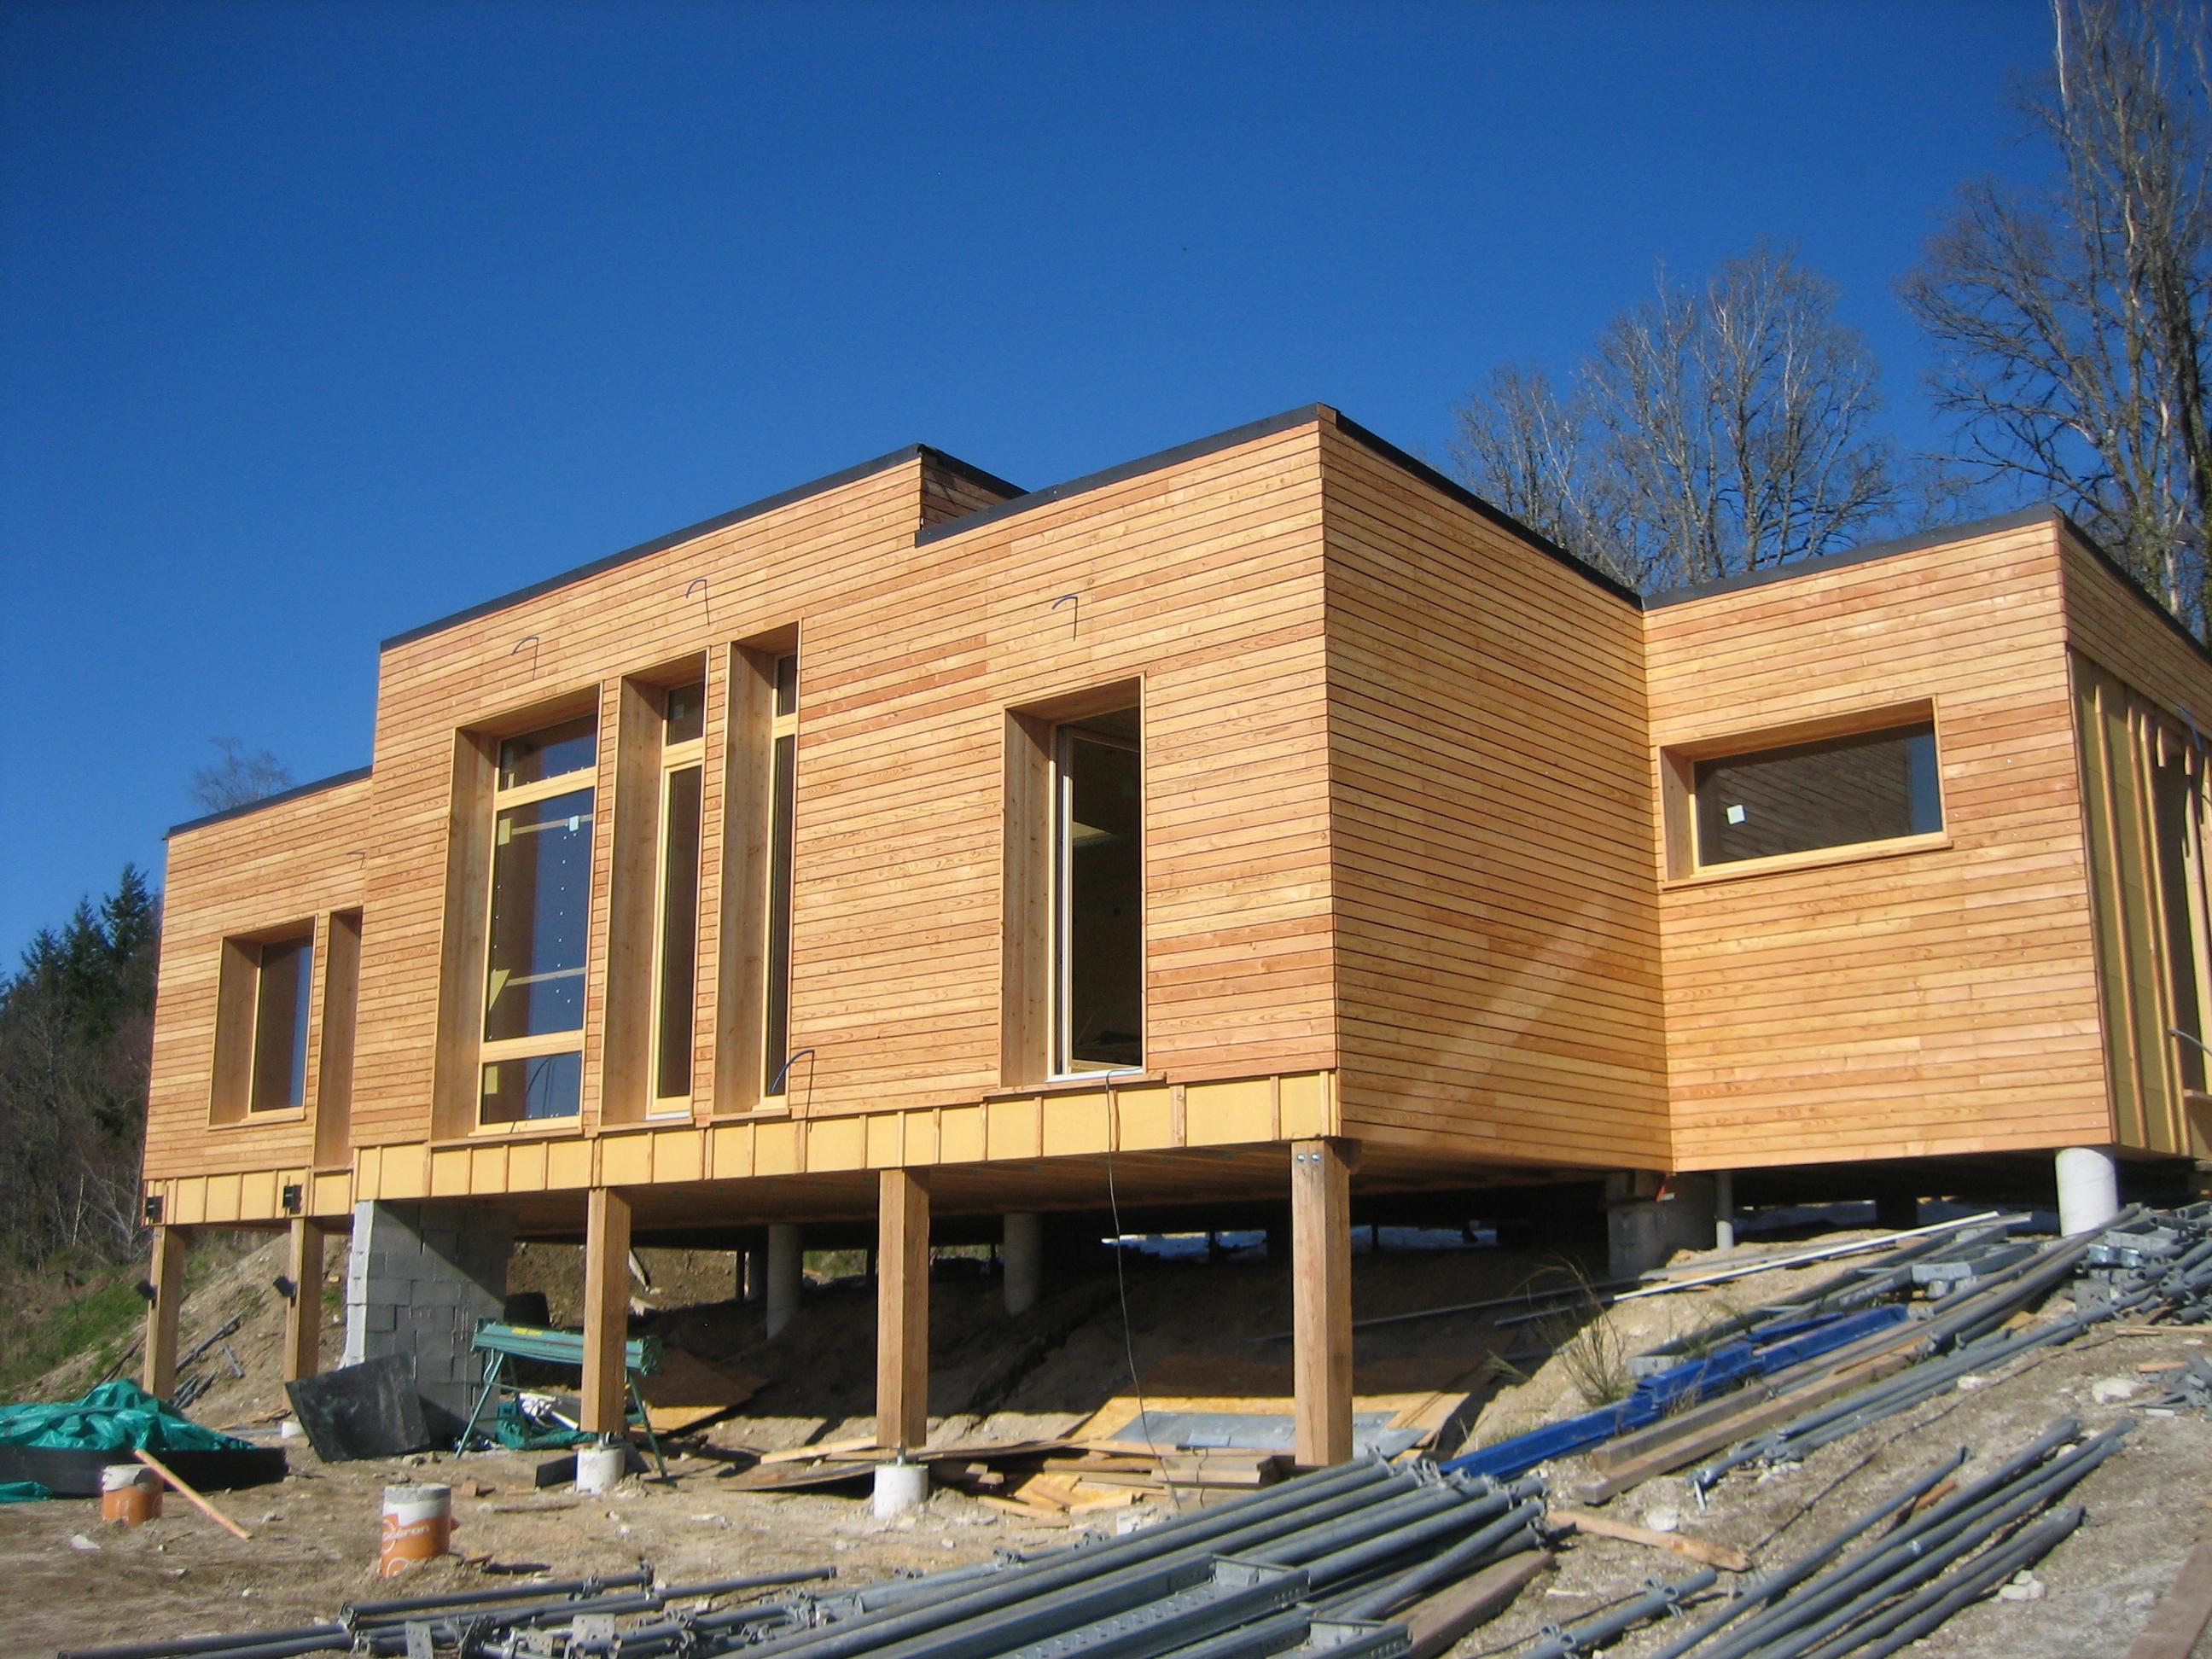 Architecte : Virginie FARGES